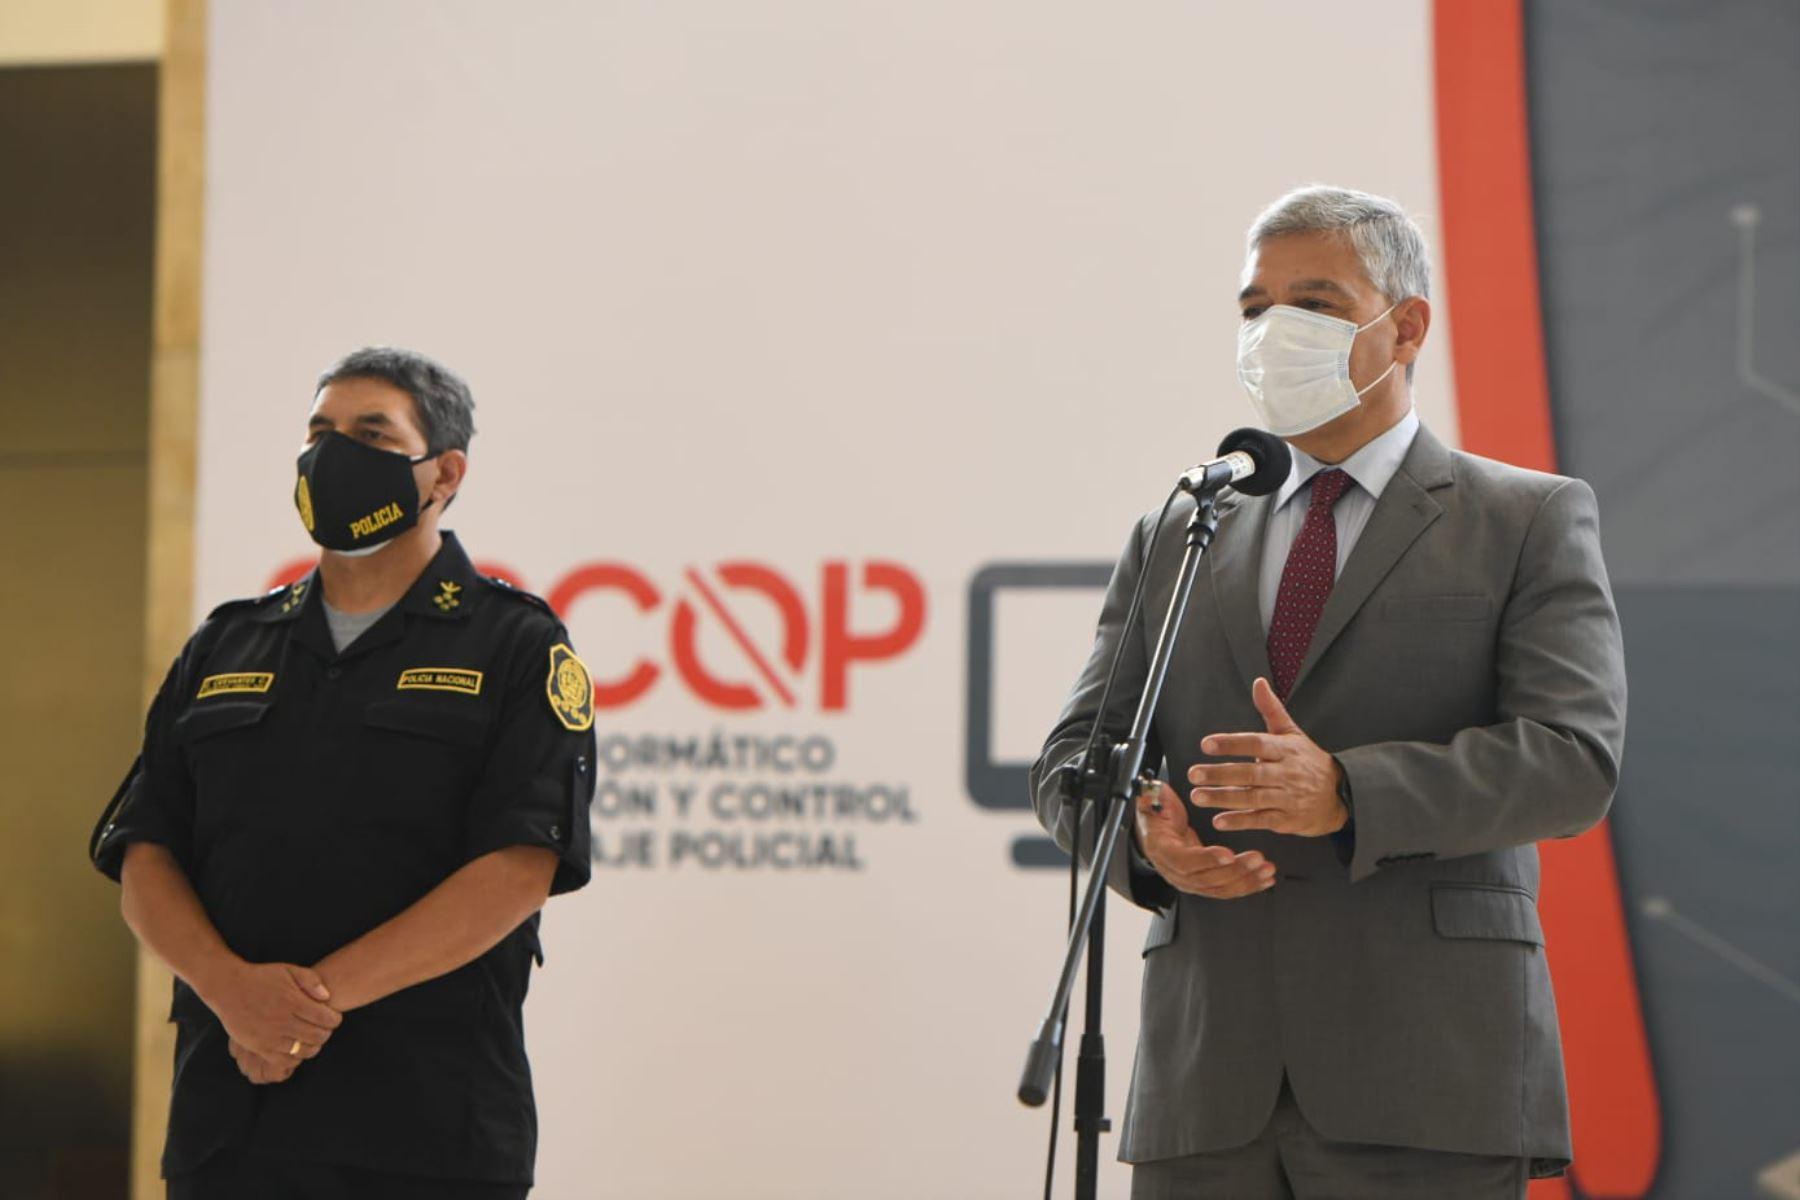 El Ministro del  Interior José Elice resalto una de las nuevas funciones del Sipcop,  relacionada con la lucha contra la violencia hacia la mujer, como  una prioridad del Mininter. Foto: ANDINA/  Mininter